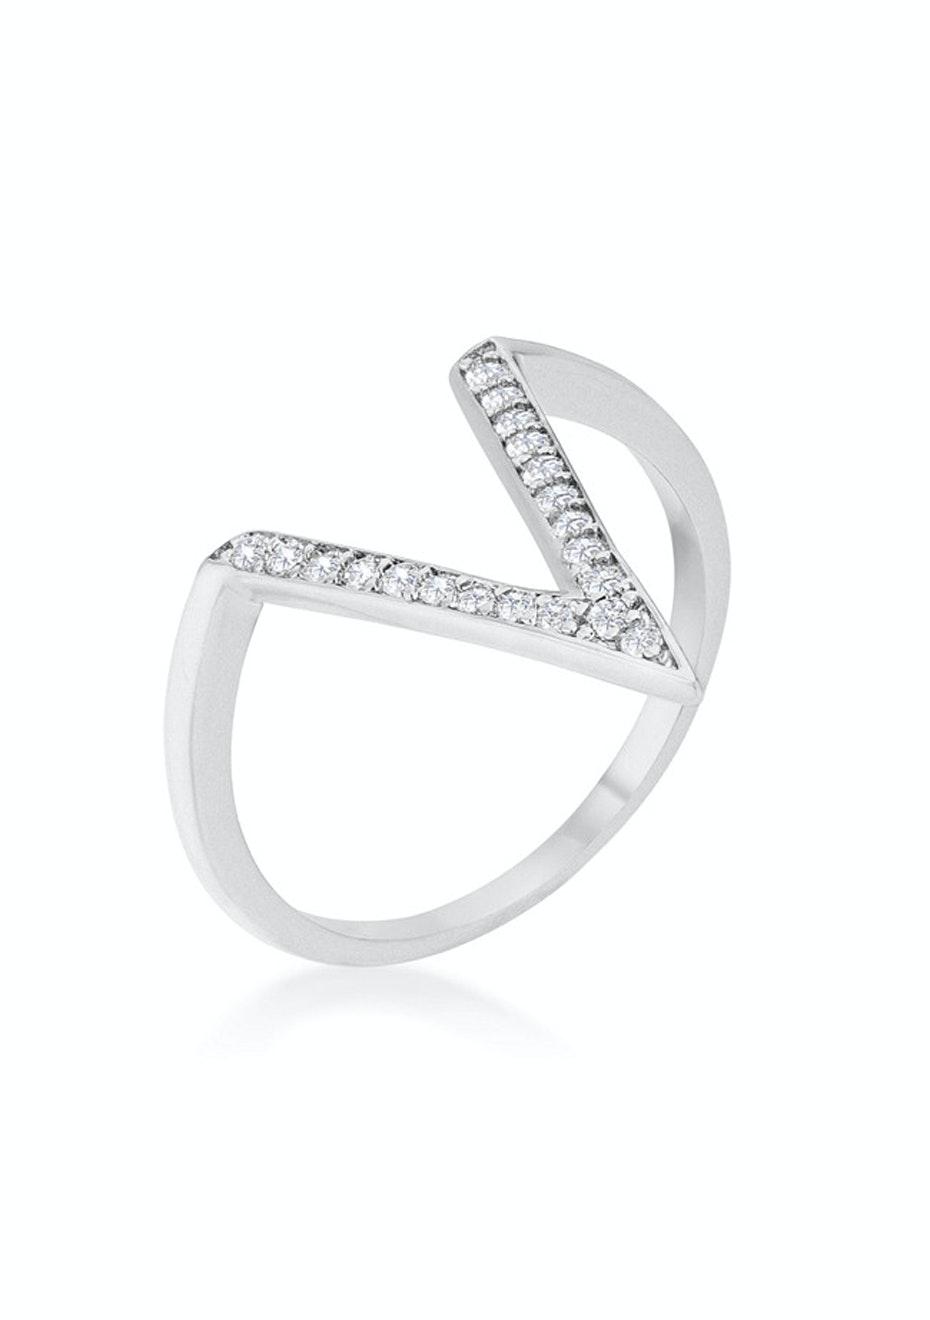 Designer V Ring - White Gold